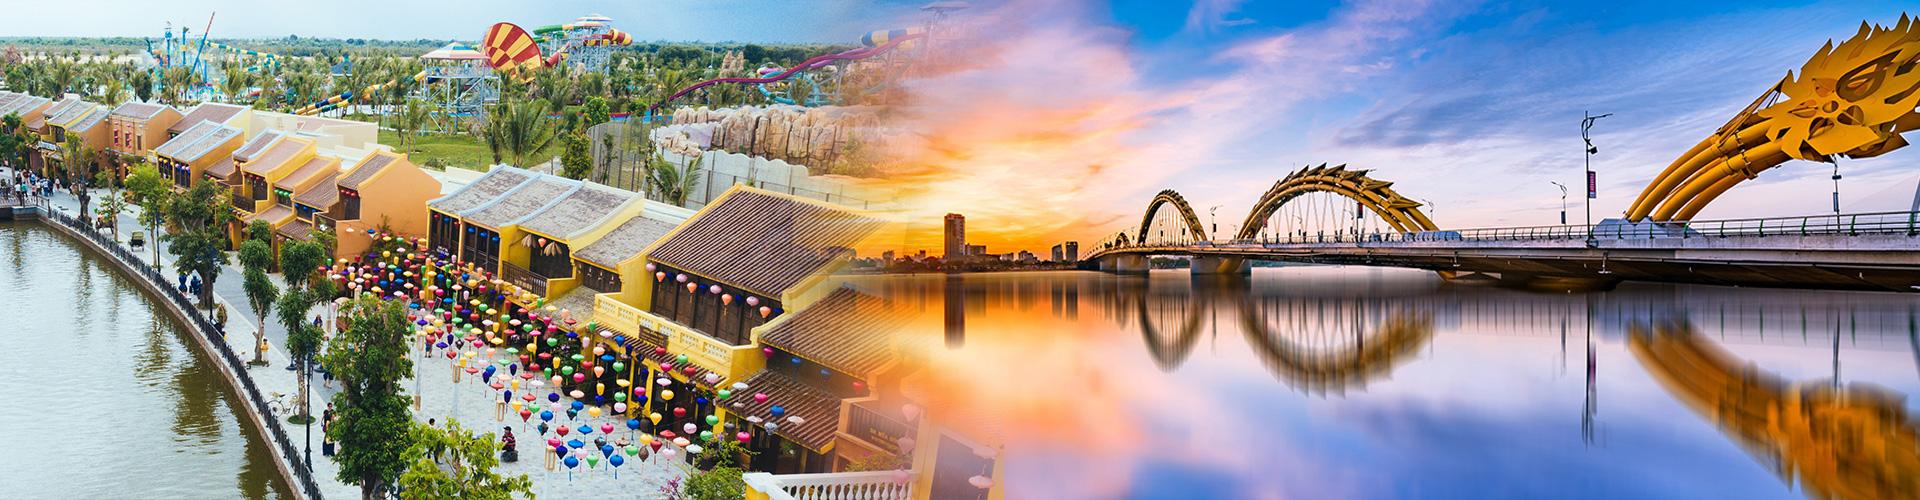 Kinh nghiệm đi du lịch Đà Nẵng Hội An 1